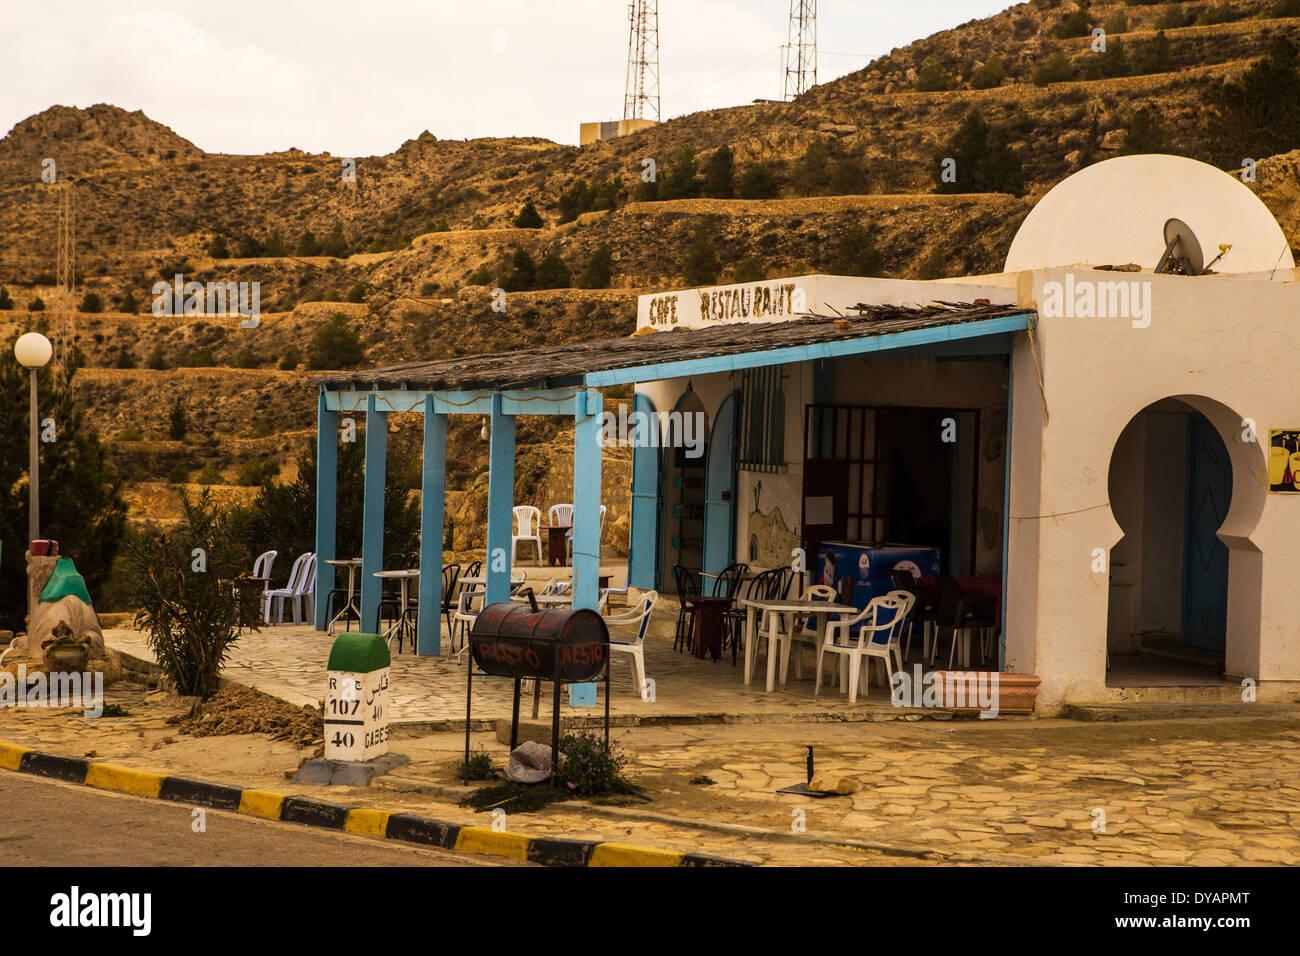 Restaurant Tunisia Stock Photos & Restaurant Tunisia Stock Images ...